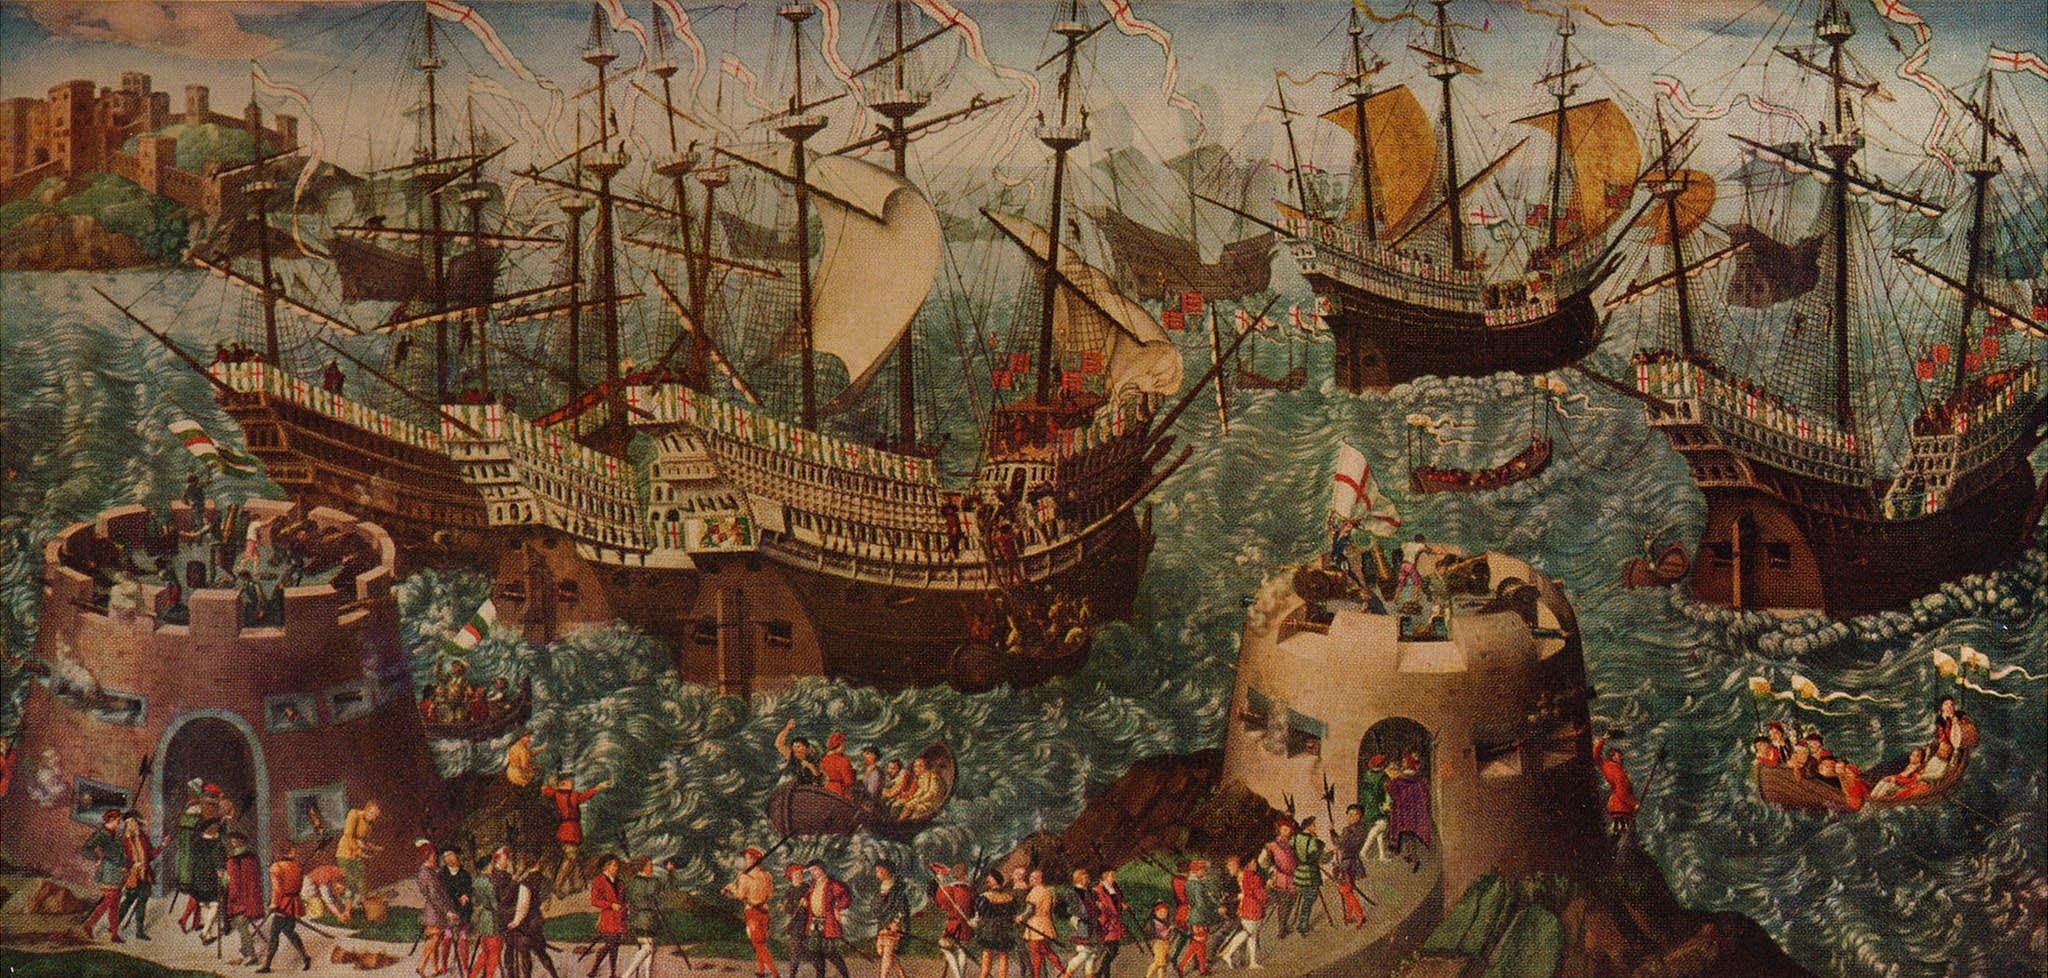 """El embarque en Dover. Enrique VIII y su flota zarparon de Dover a Calais el 31 de mayo de 1520 en camino para encontrarse con Francisco I en el Campo del paño de oro. Pintura de """"Aventuras por el mar del arte de los viejos tiempos"""", por Basil Lubbock."""